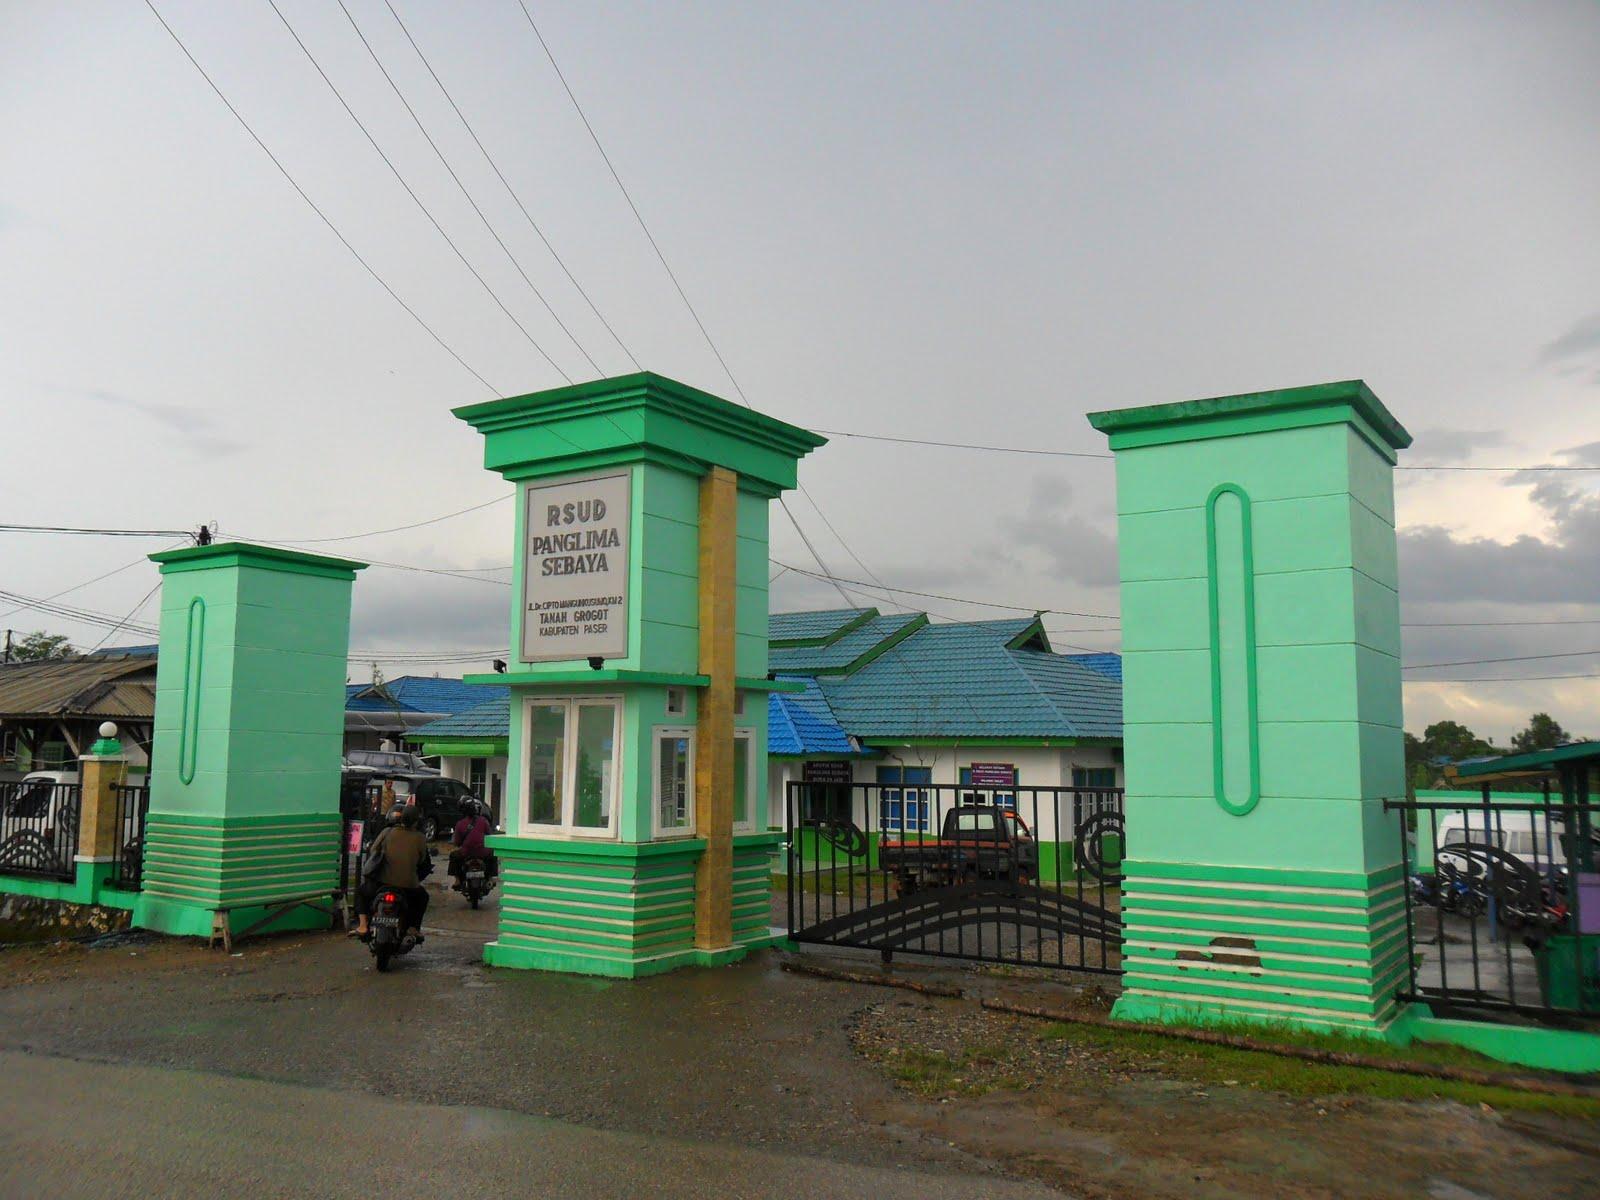 Rsud Panglima Sebaya Tanah Grogot  Ezagren Sekilas Kabupaten Paser